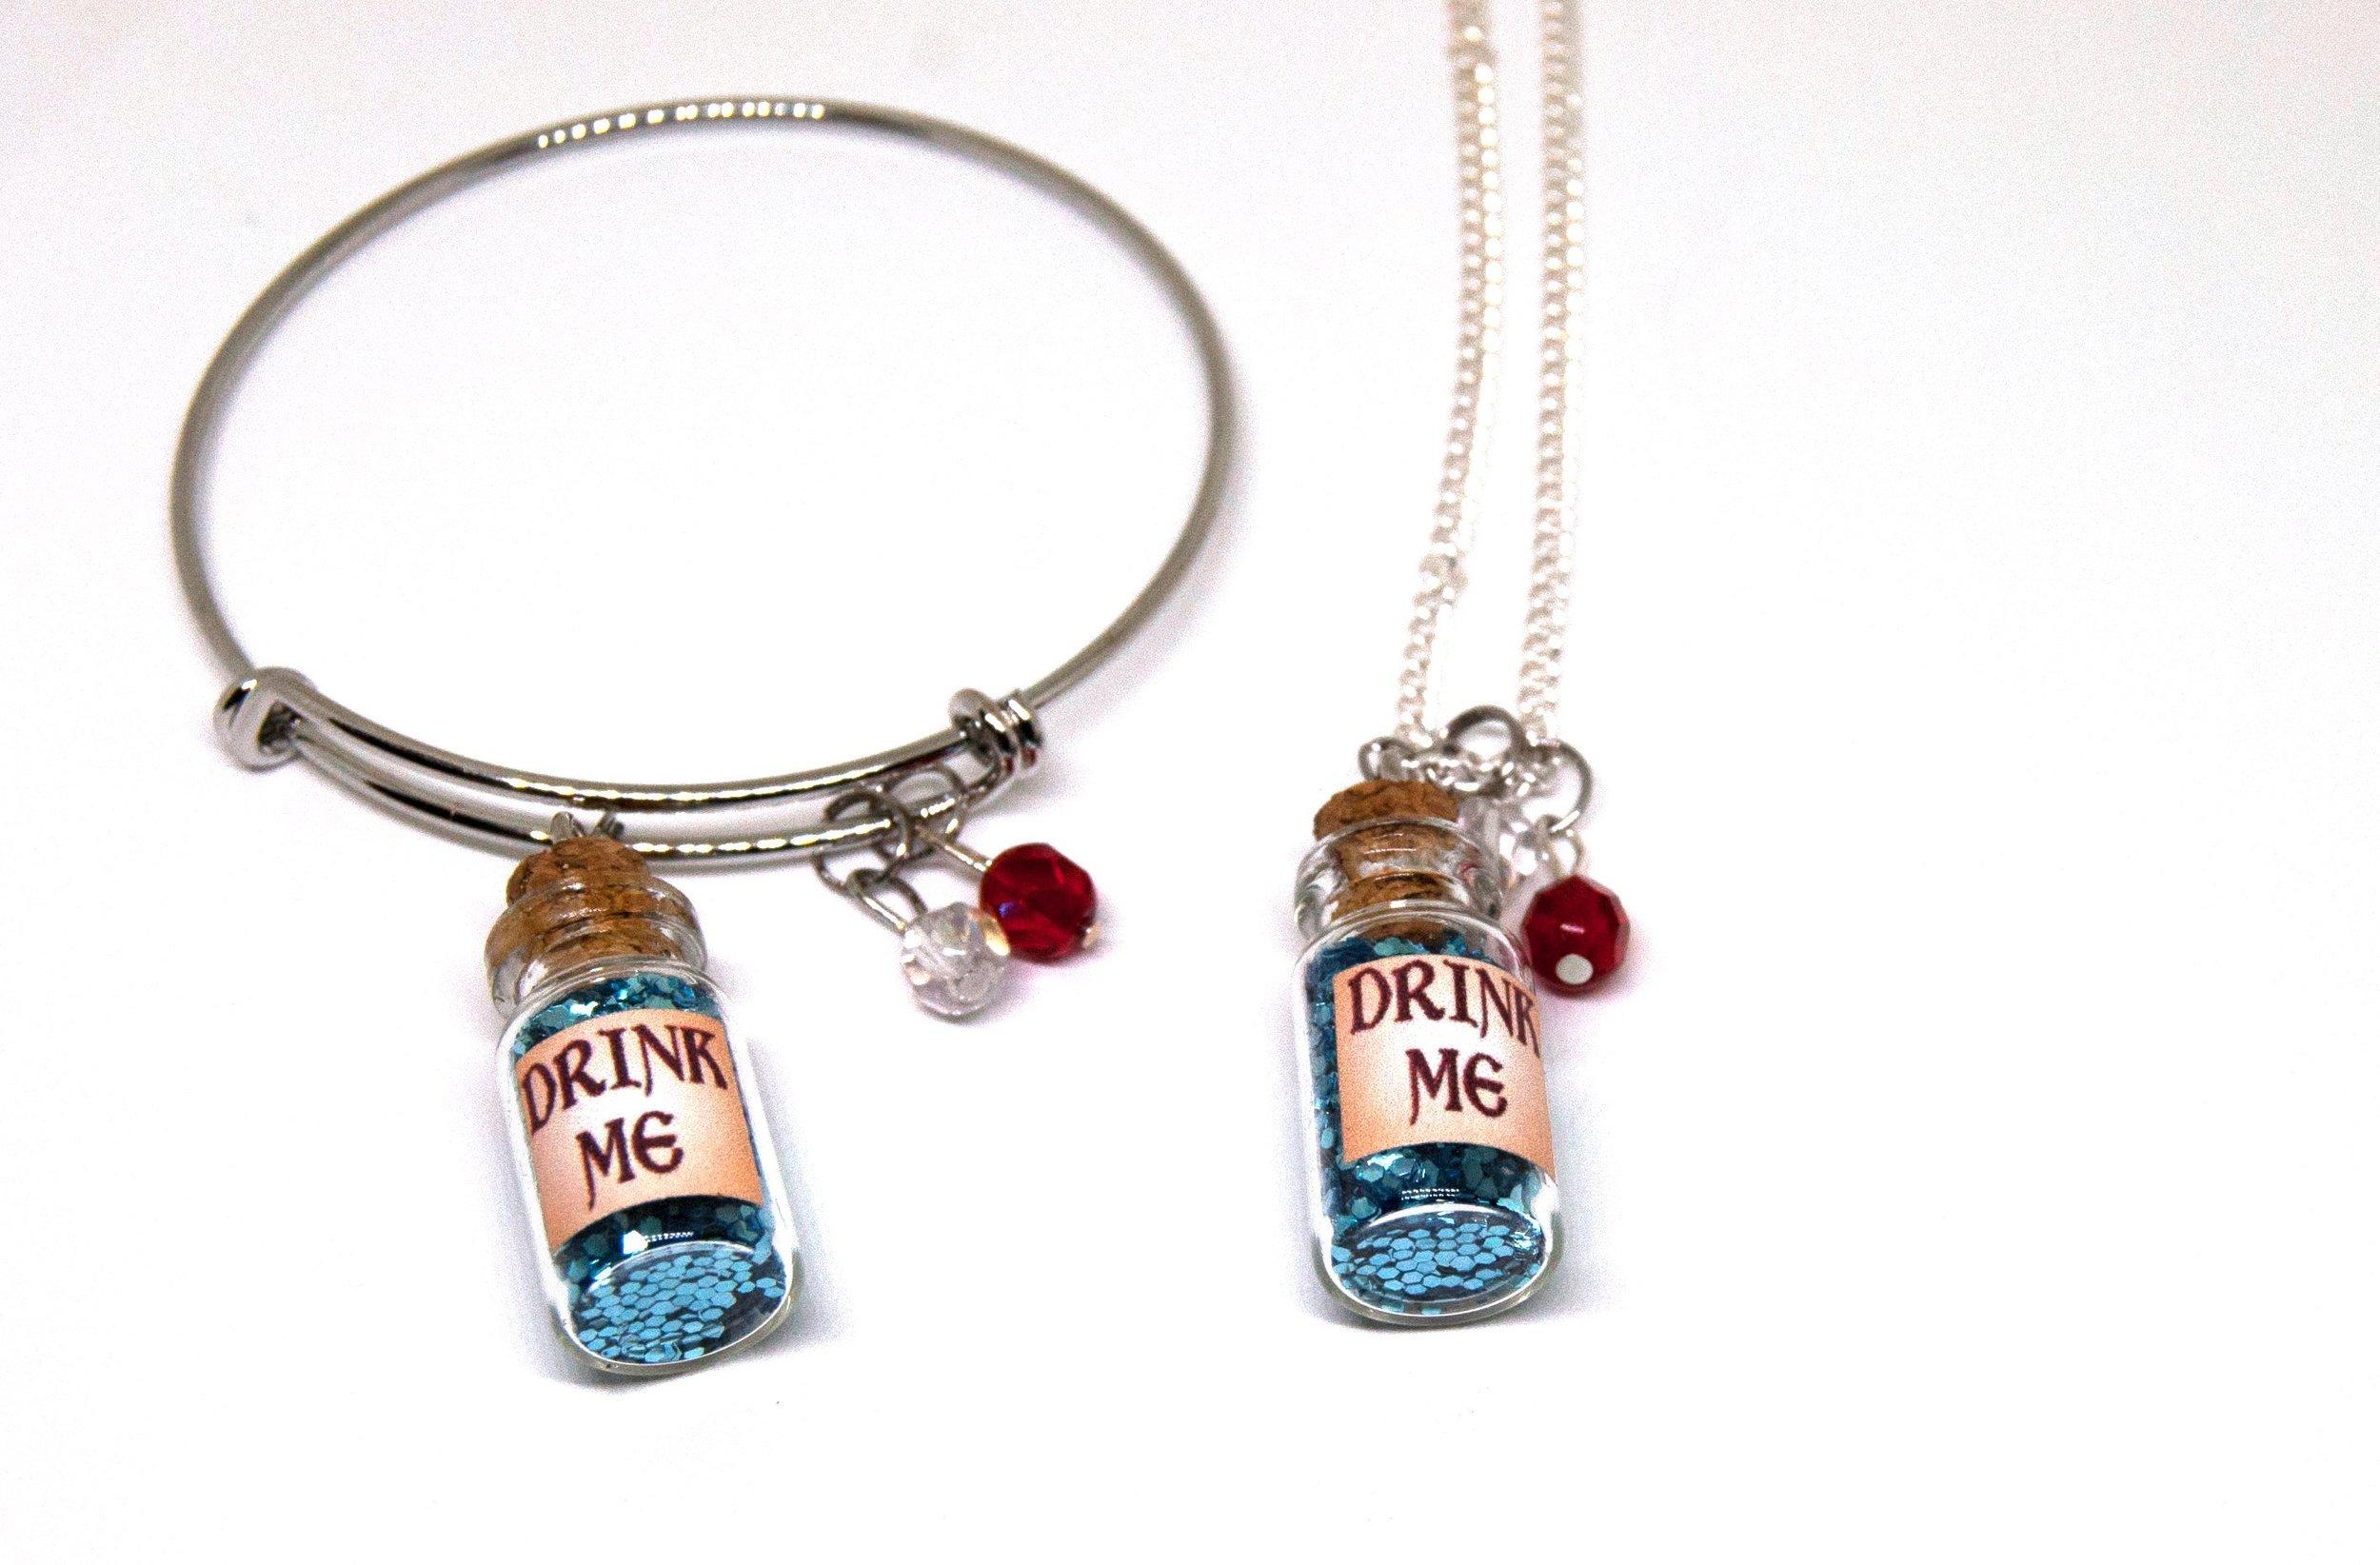 Courtesy Etsy/Allison Wonderland Jewelry